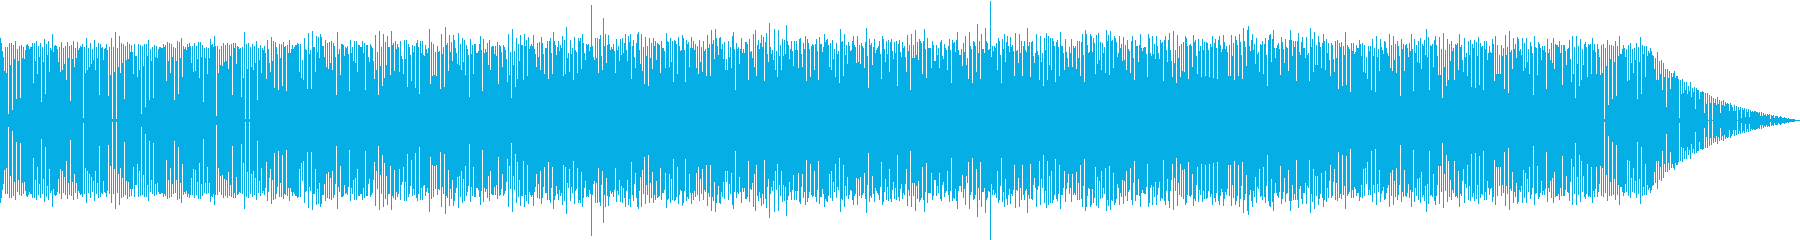 エレクトロハウス。力 。エネルギー...の再生済みの波形